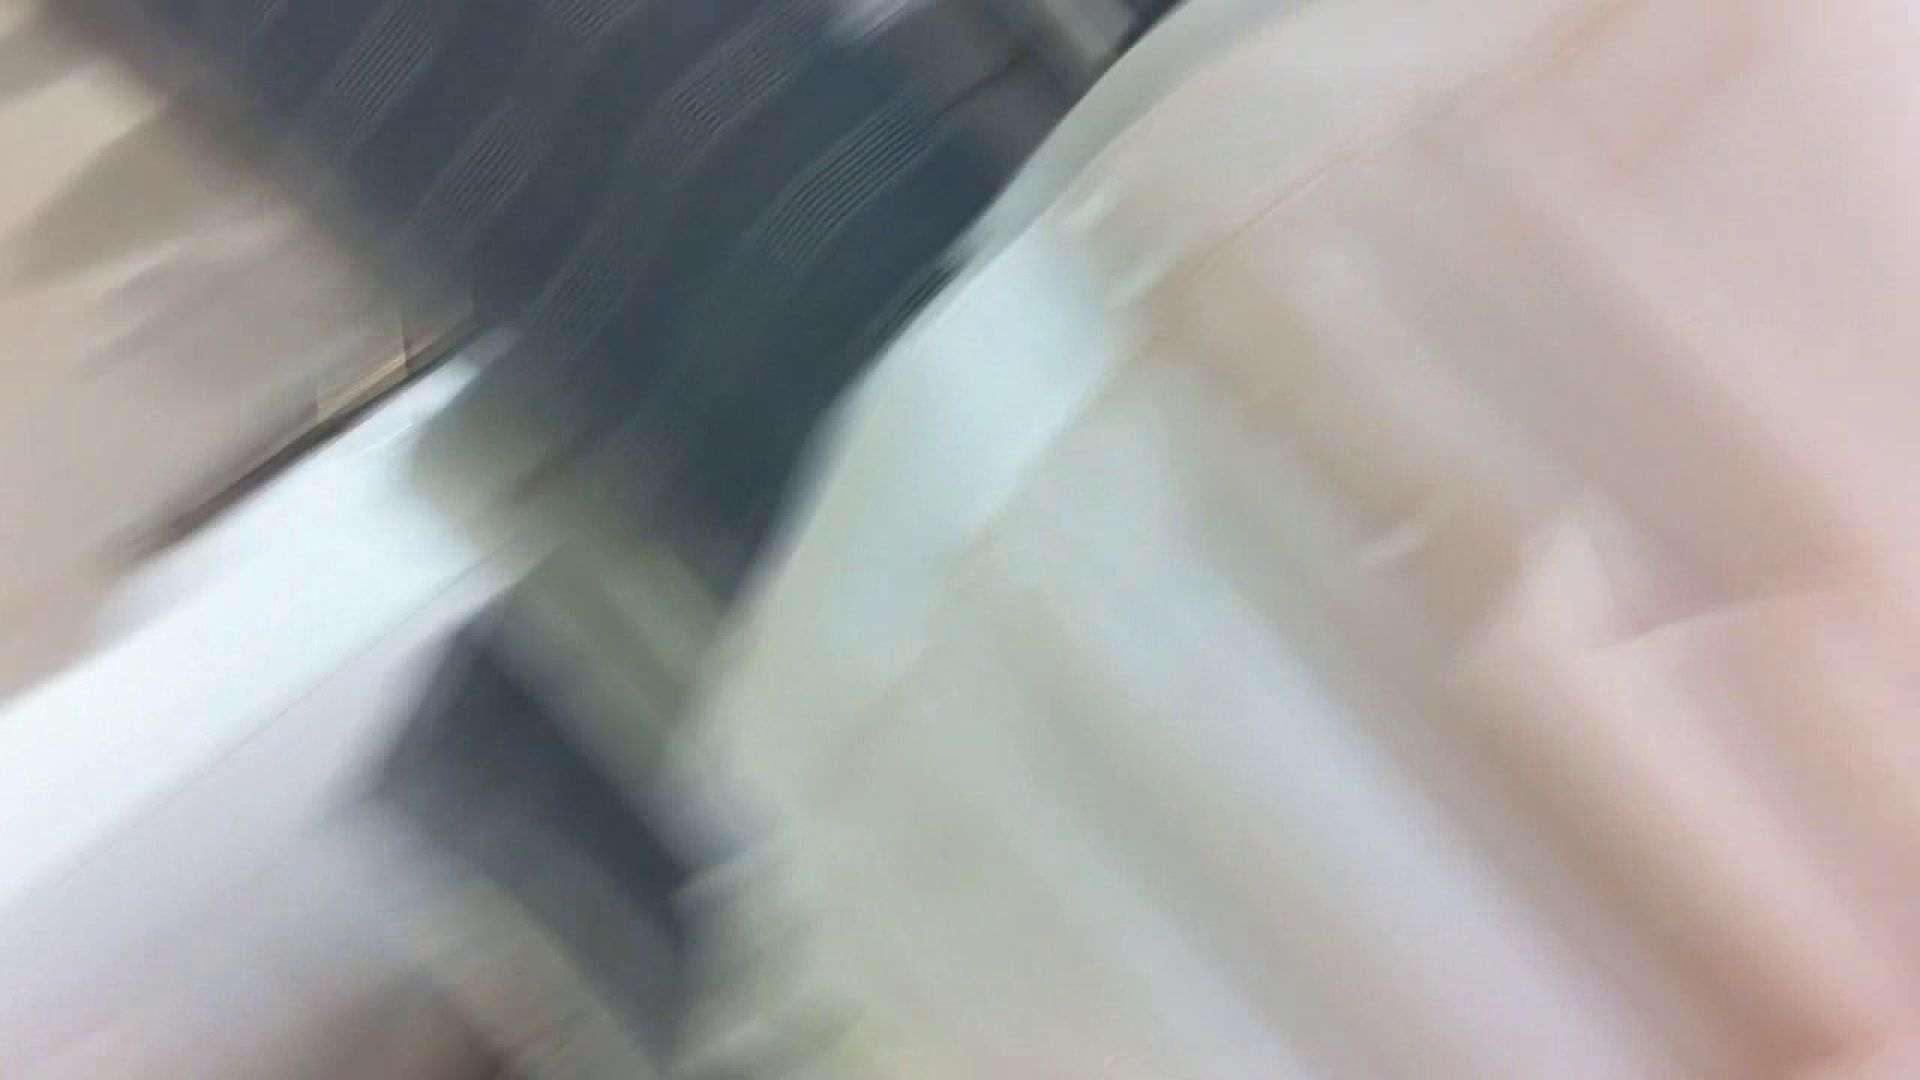 フルHD ショップ店員千人斬り! 大画面ノーカット完全版 vol.58 OLの実態 のぞきエロ無料画像 62pic 7